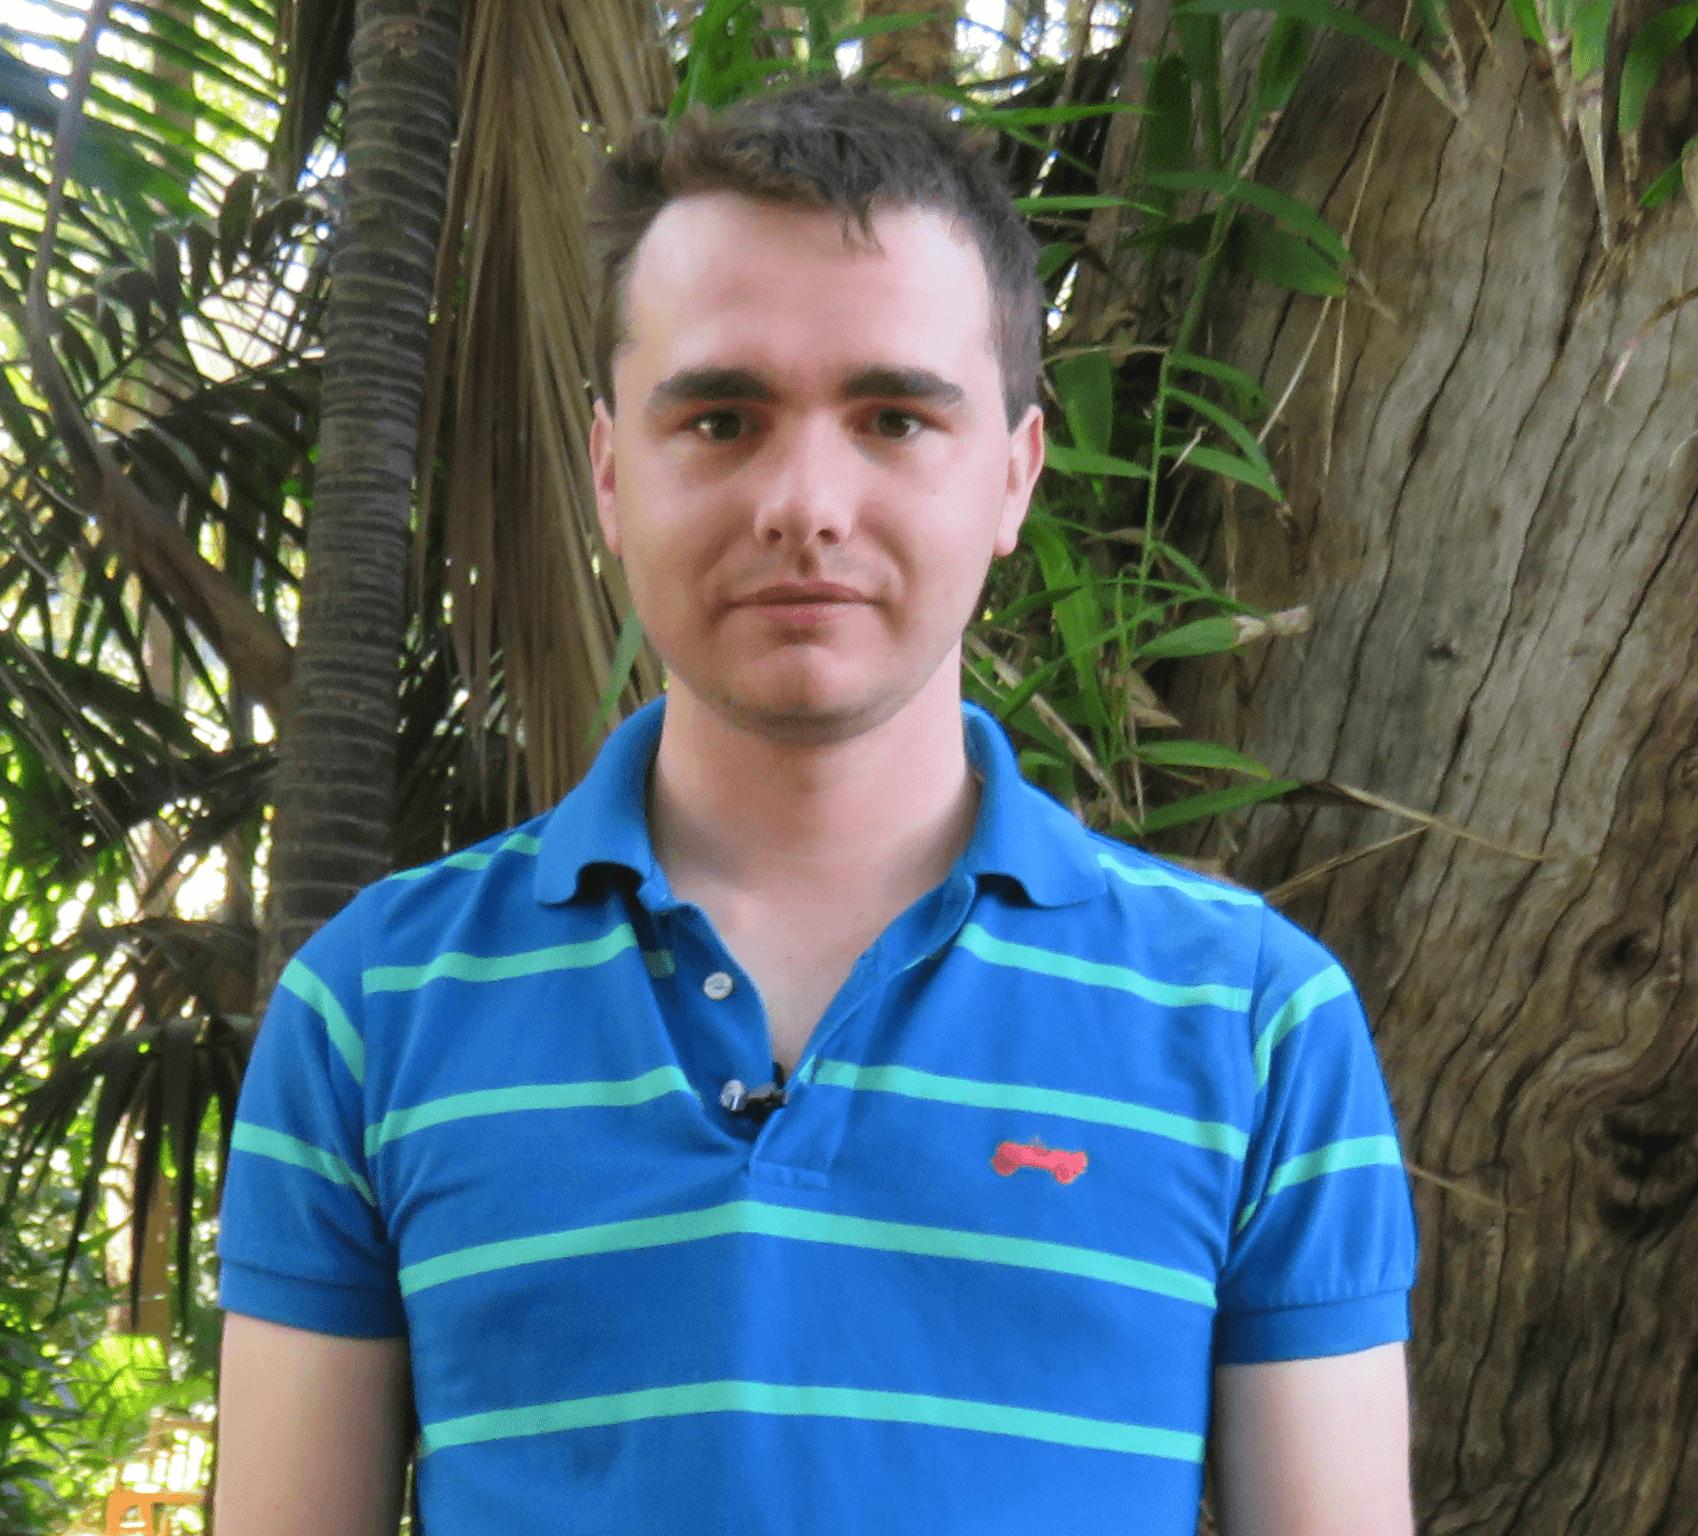 Boaz Shearer